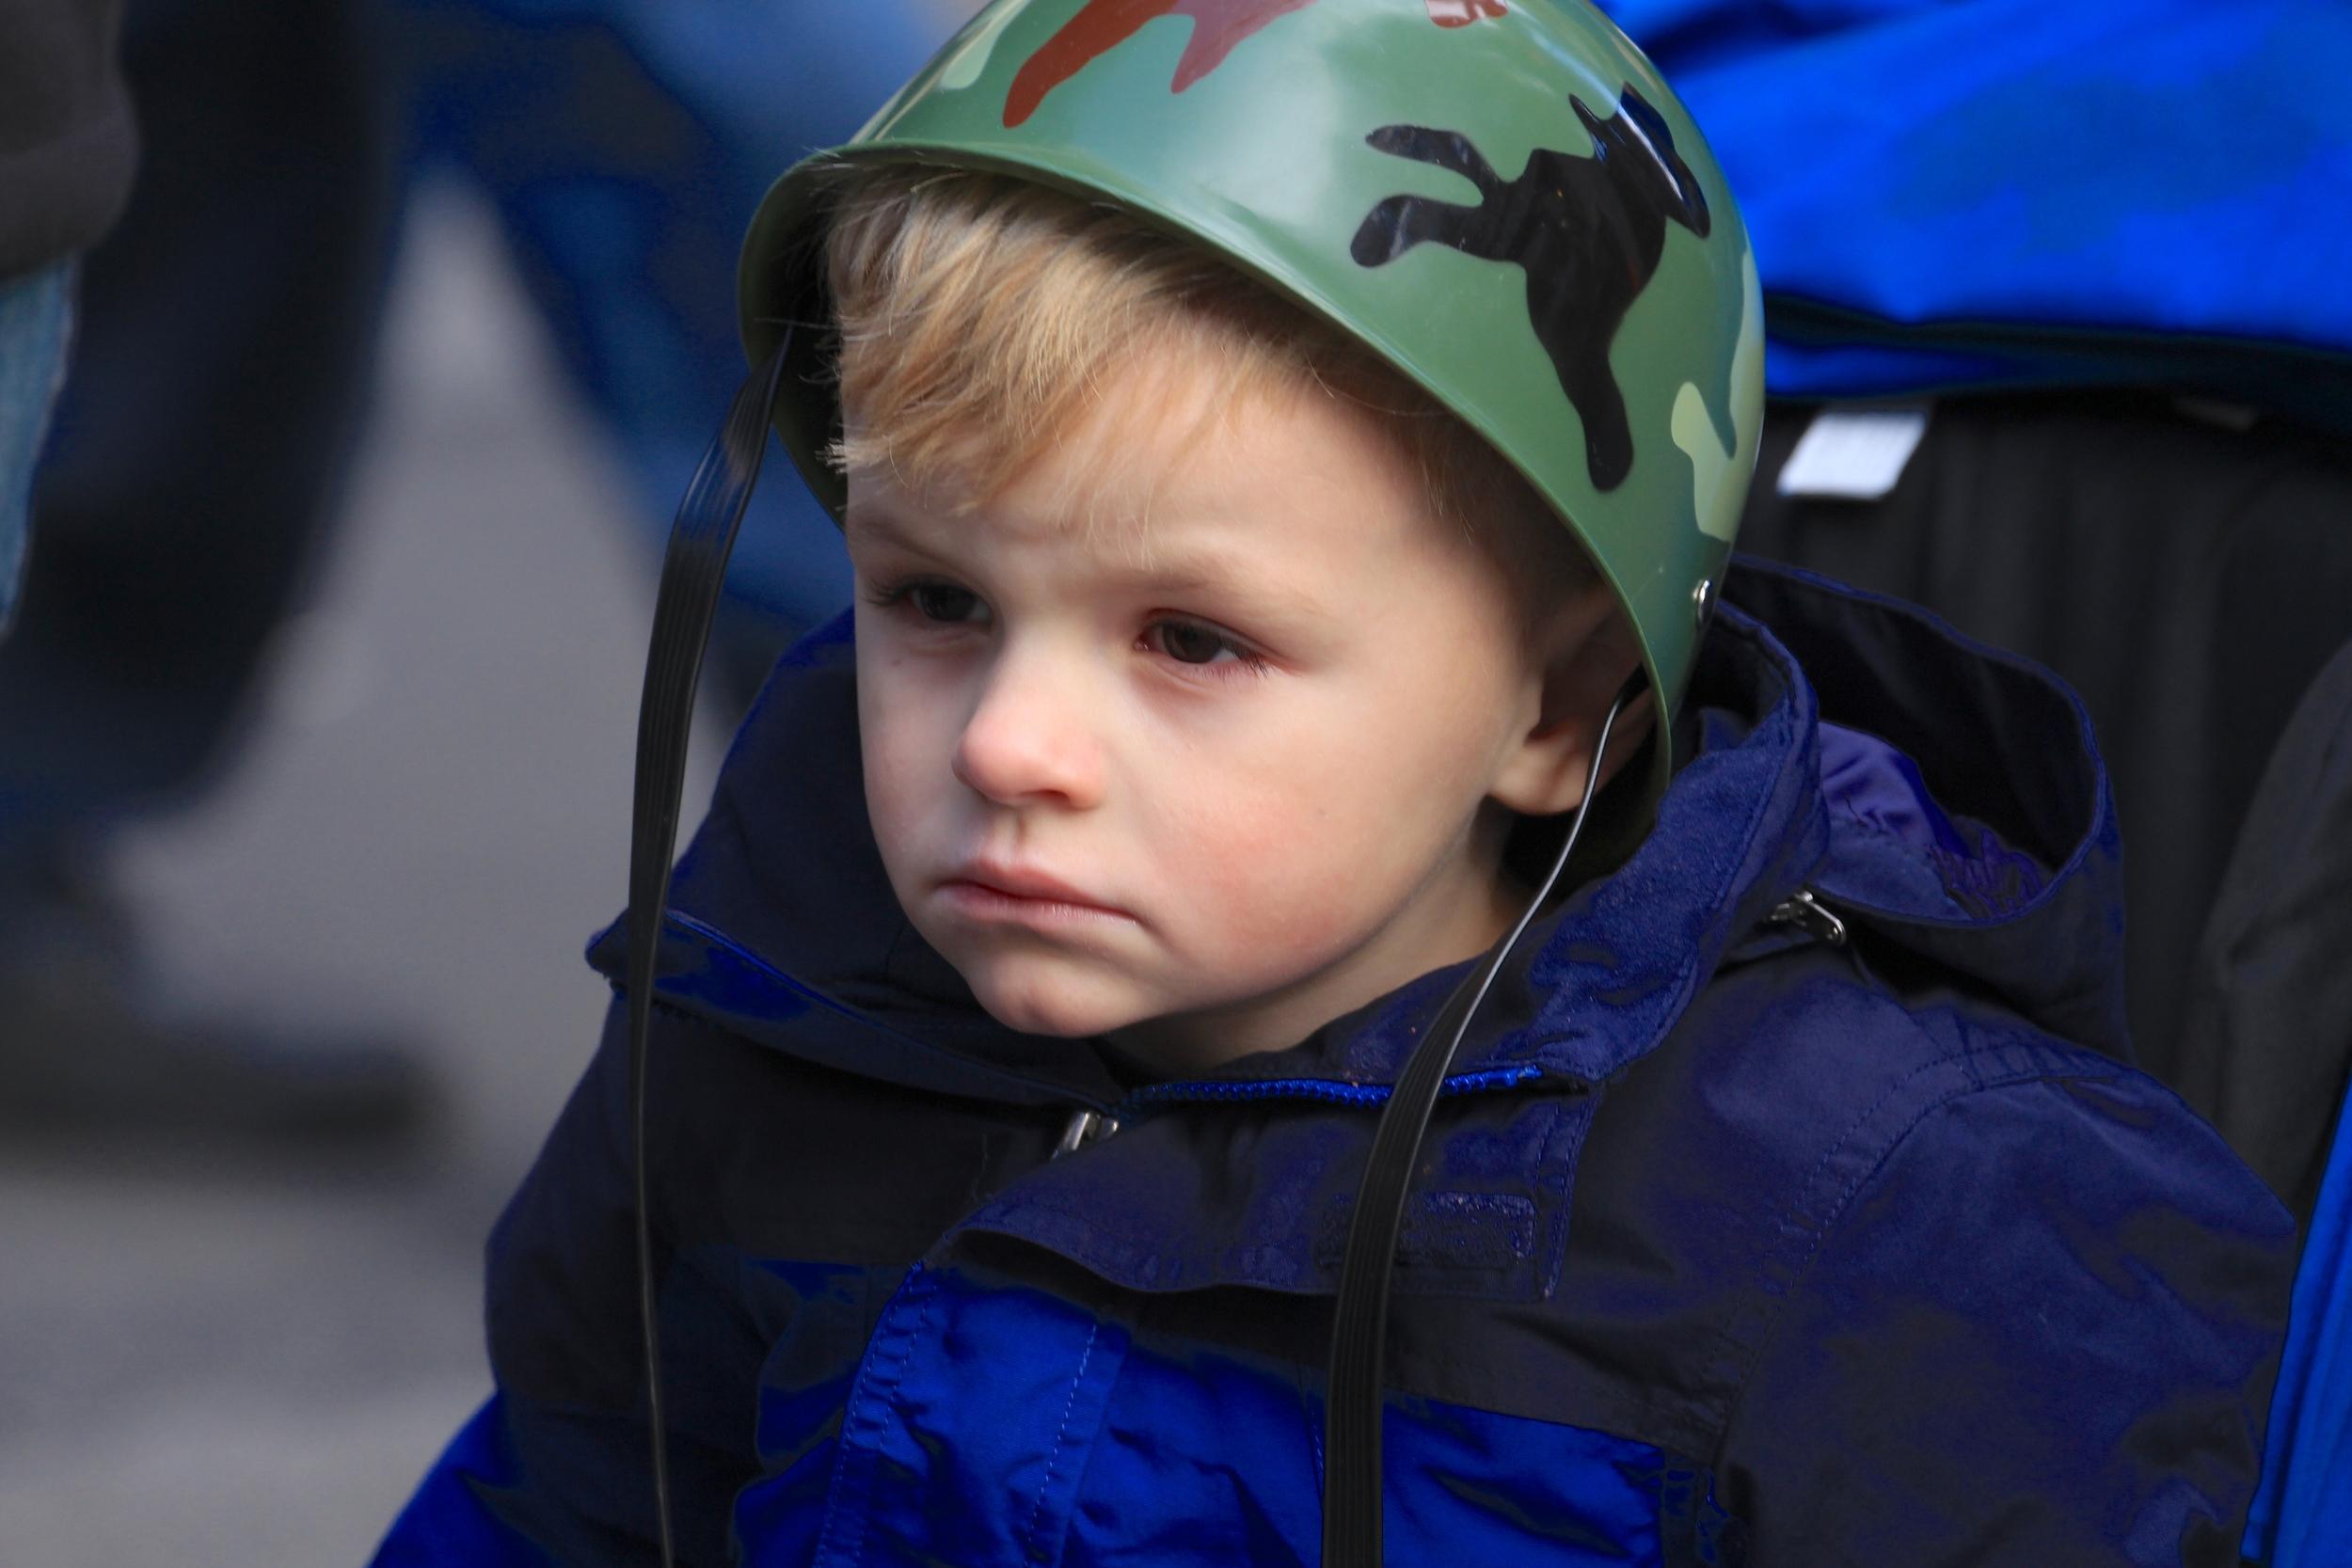 Littlest Soldier